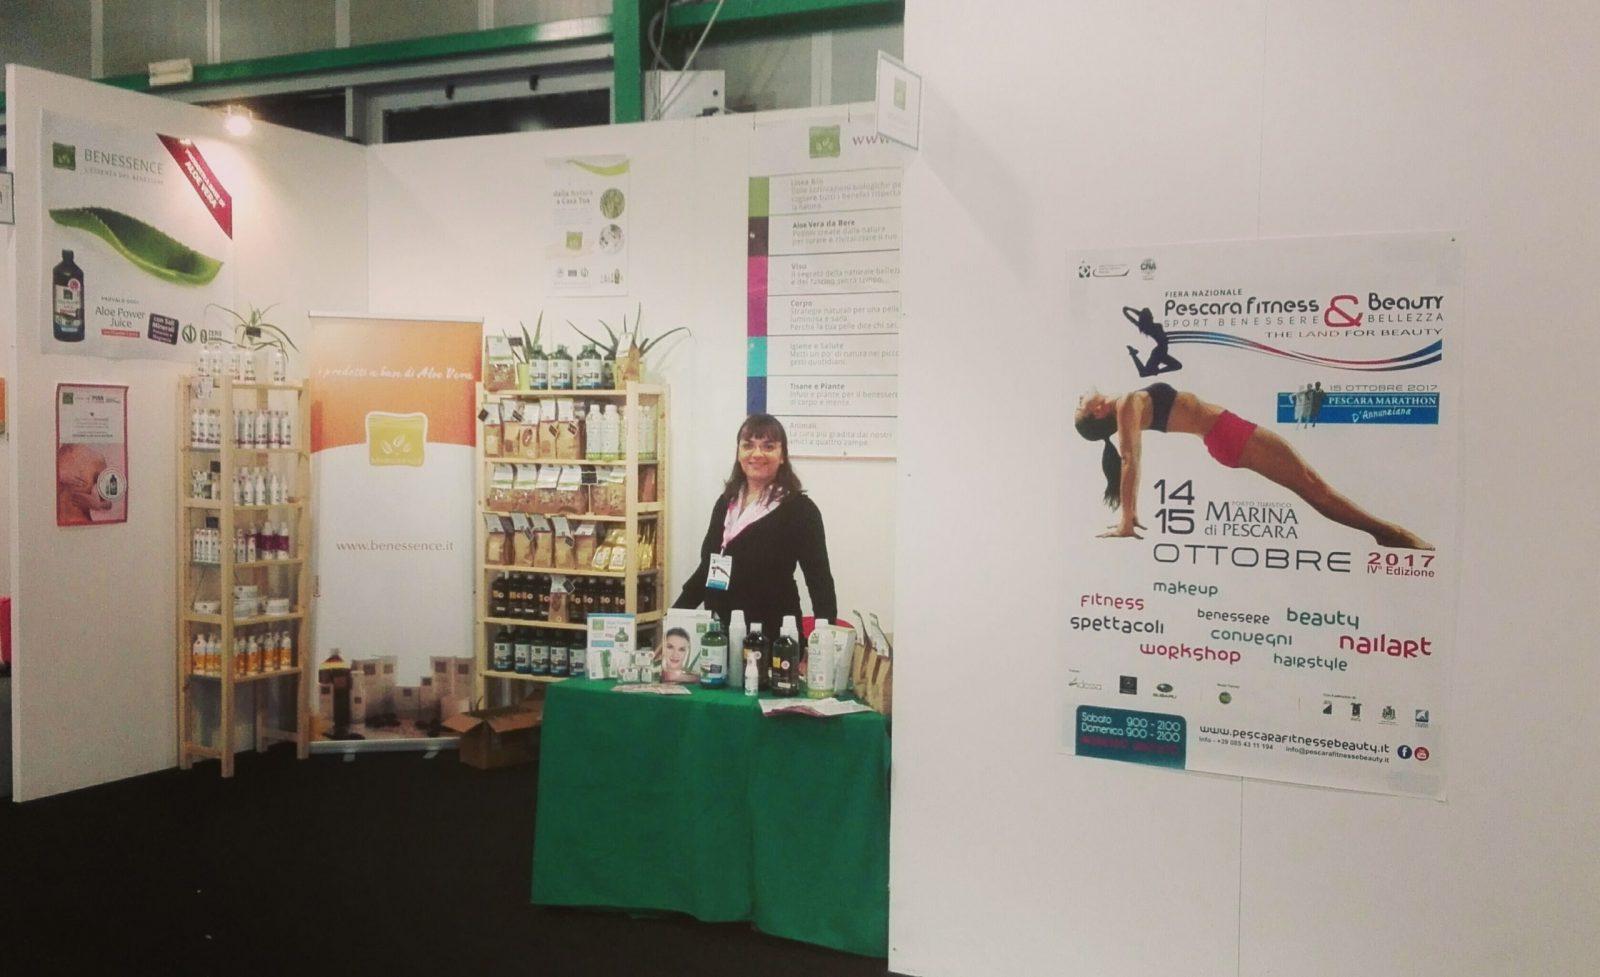 I prodotti di Benessence al Festival del Benessere e Naturale 2017